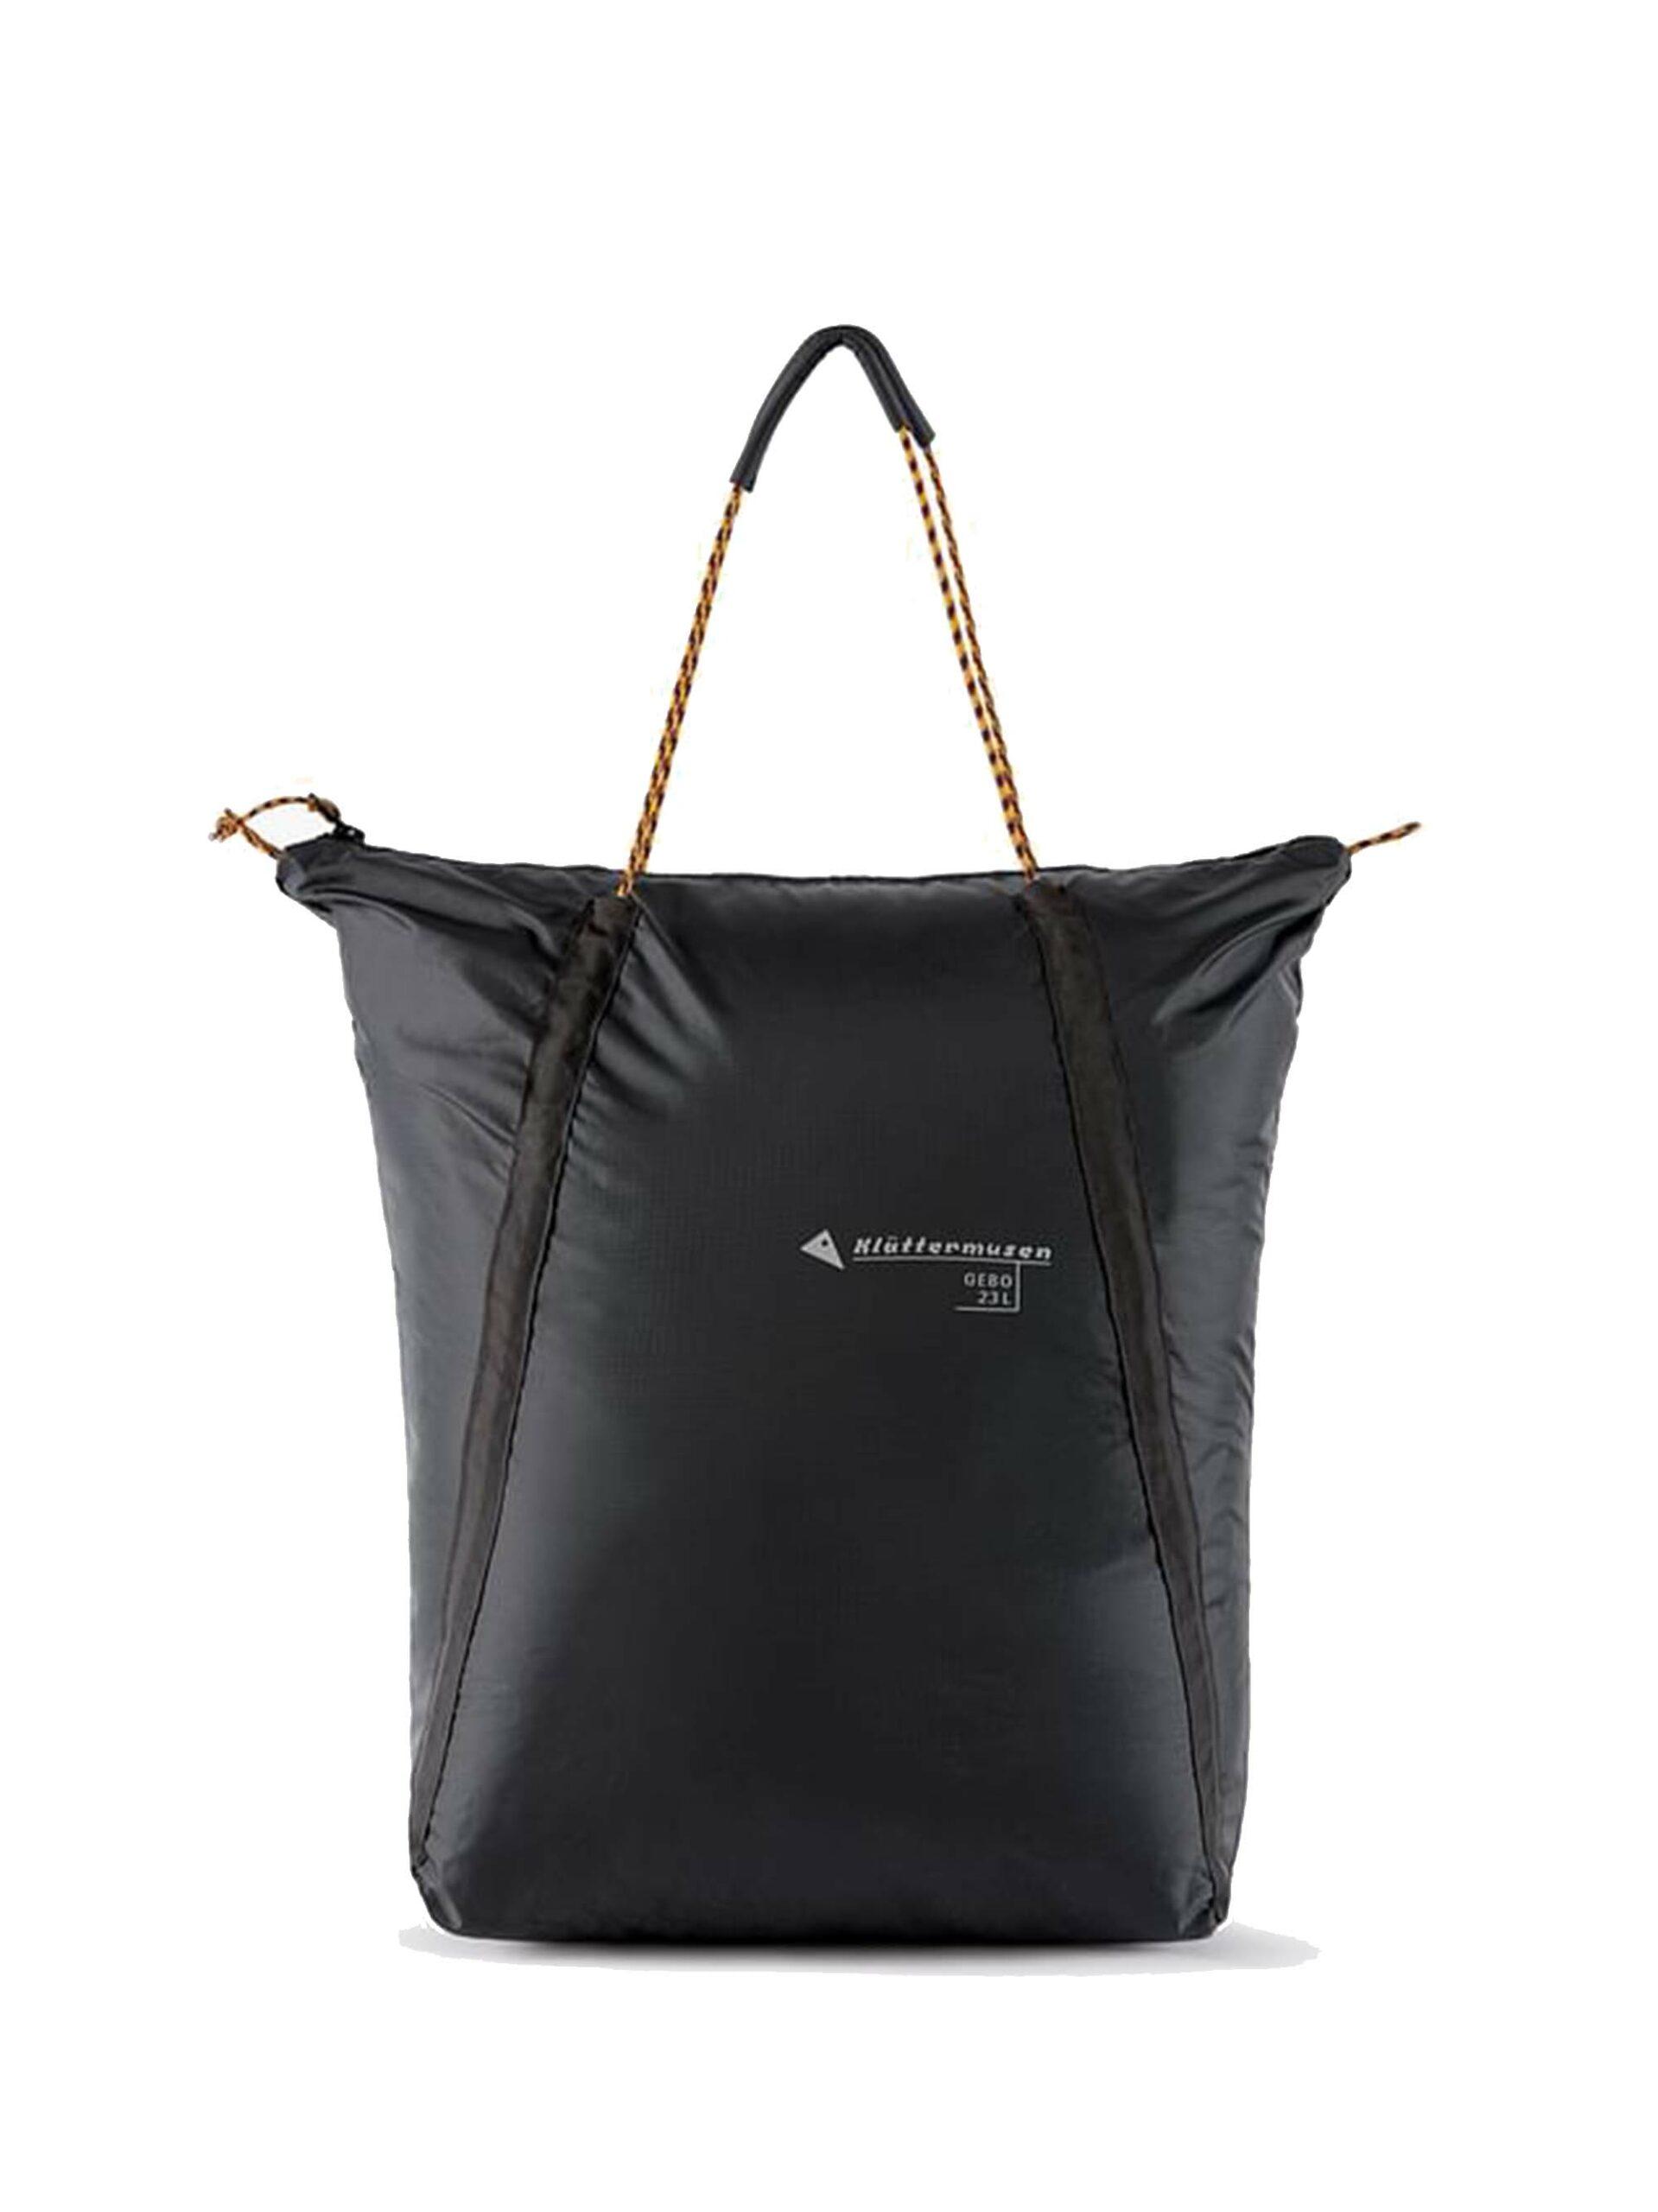 <p class='small-title'>KLäTTERMUSEN</p>Gebo Lightweight Tote Bag 23L